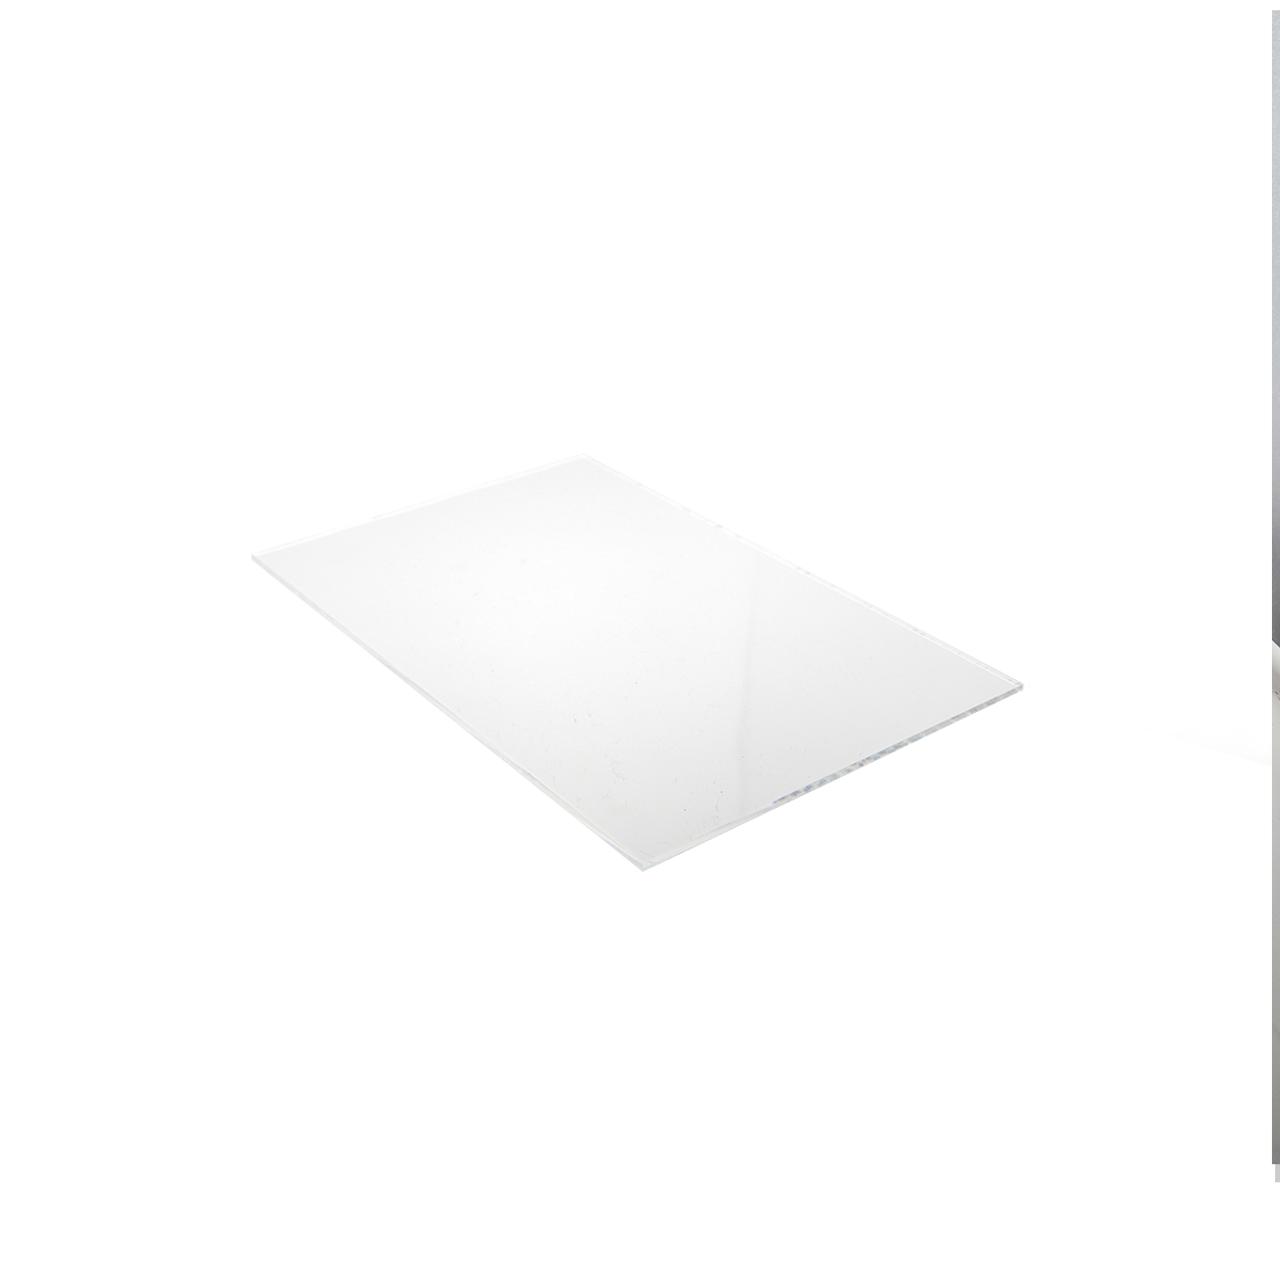 Acrylic Sheet - Coil Roller - 150 x 100 x 2mm